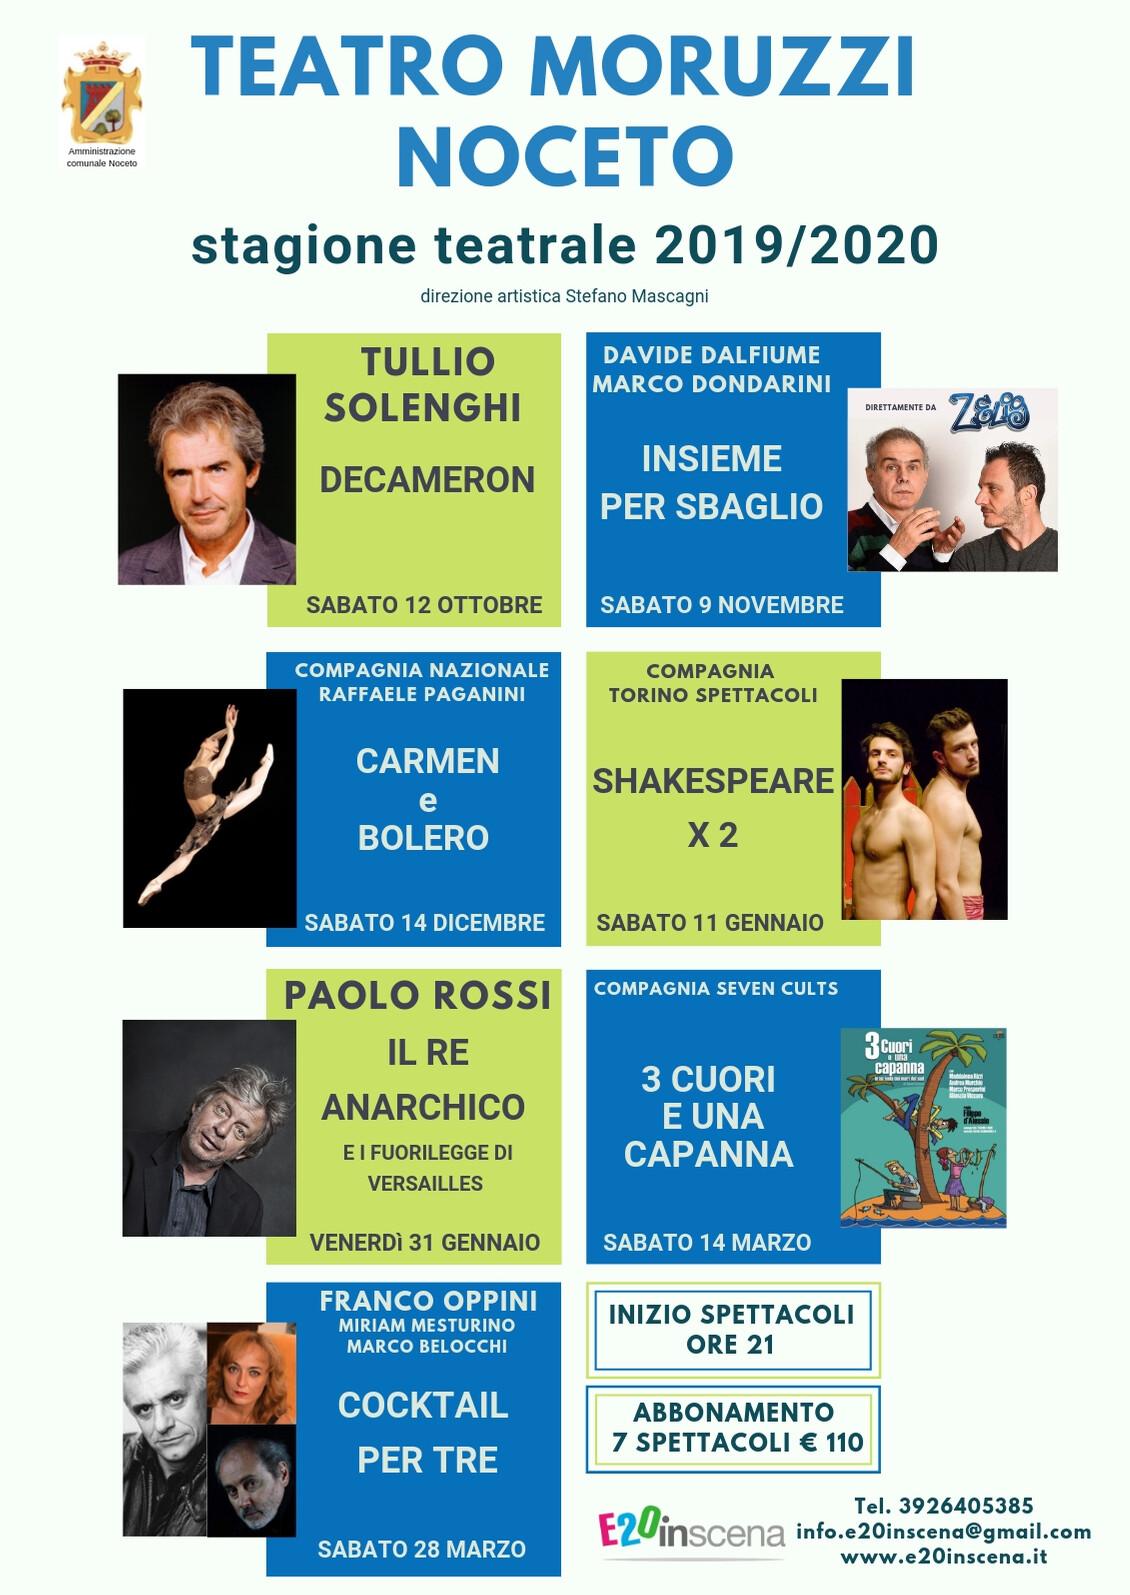 Teatro Moruzzi  a NOCETO:  Stagione Teatrale 2019/2020